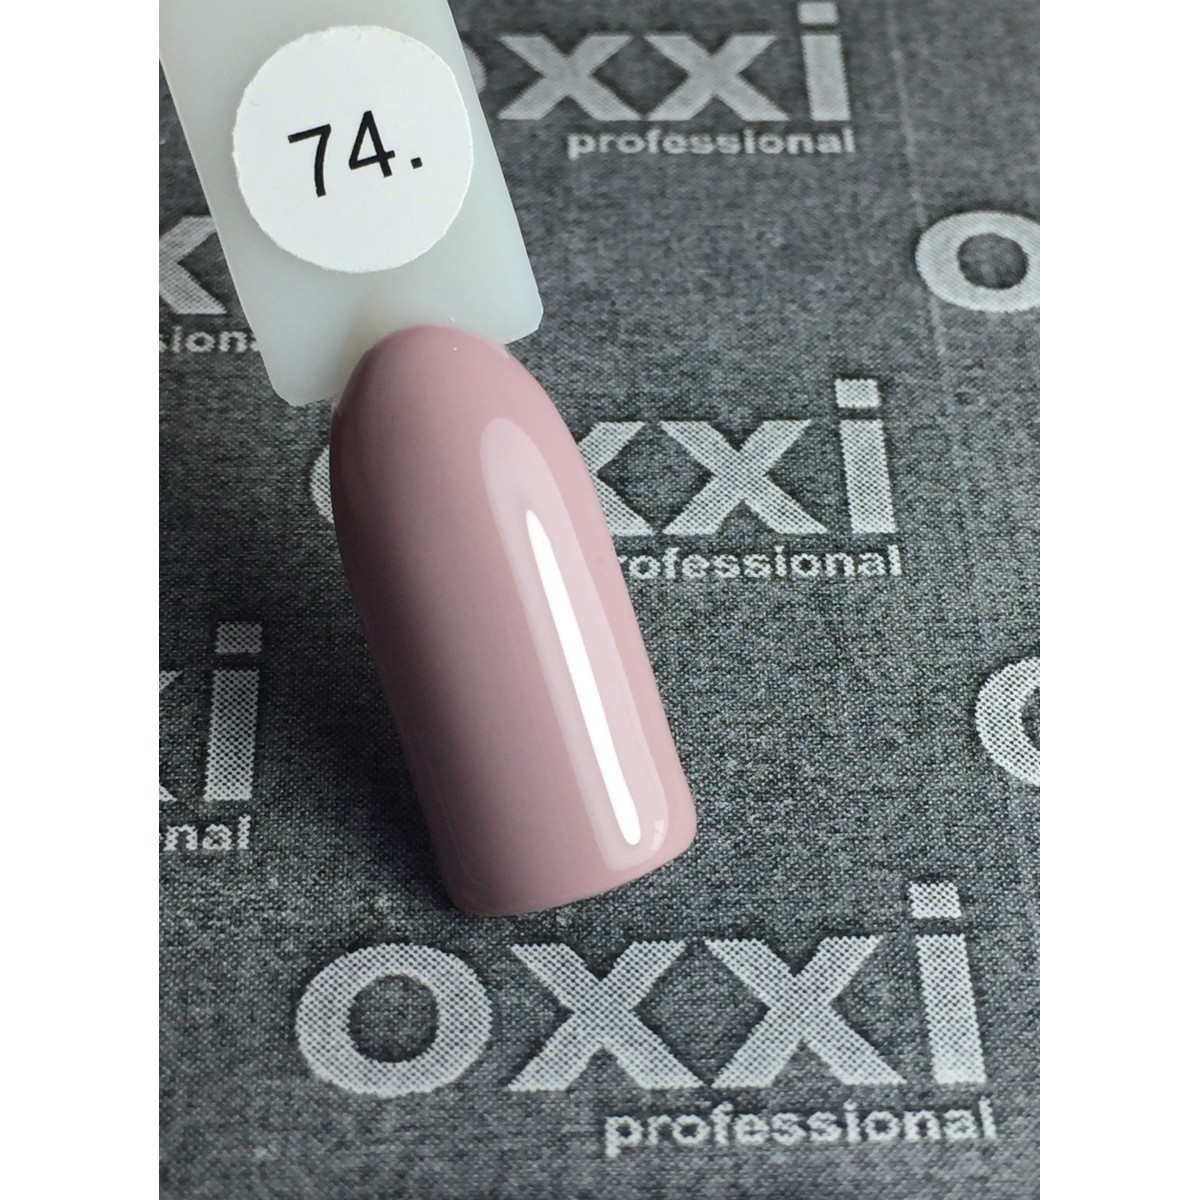 Гель-лак OXXI Professional №074 (светлый бежевый, эмаль), 8 мл